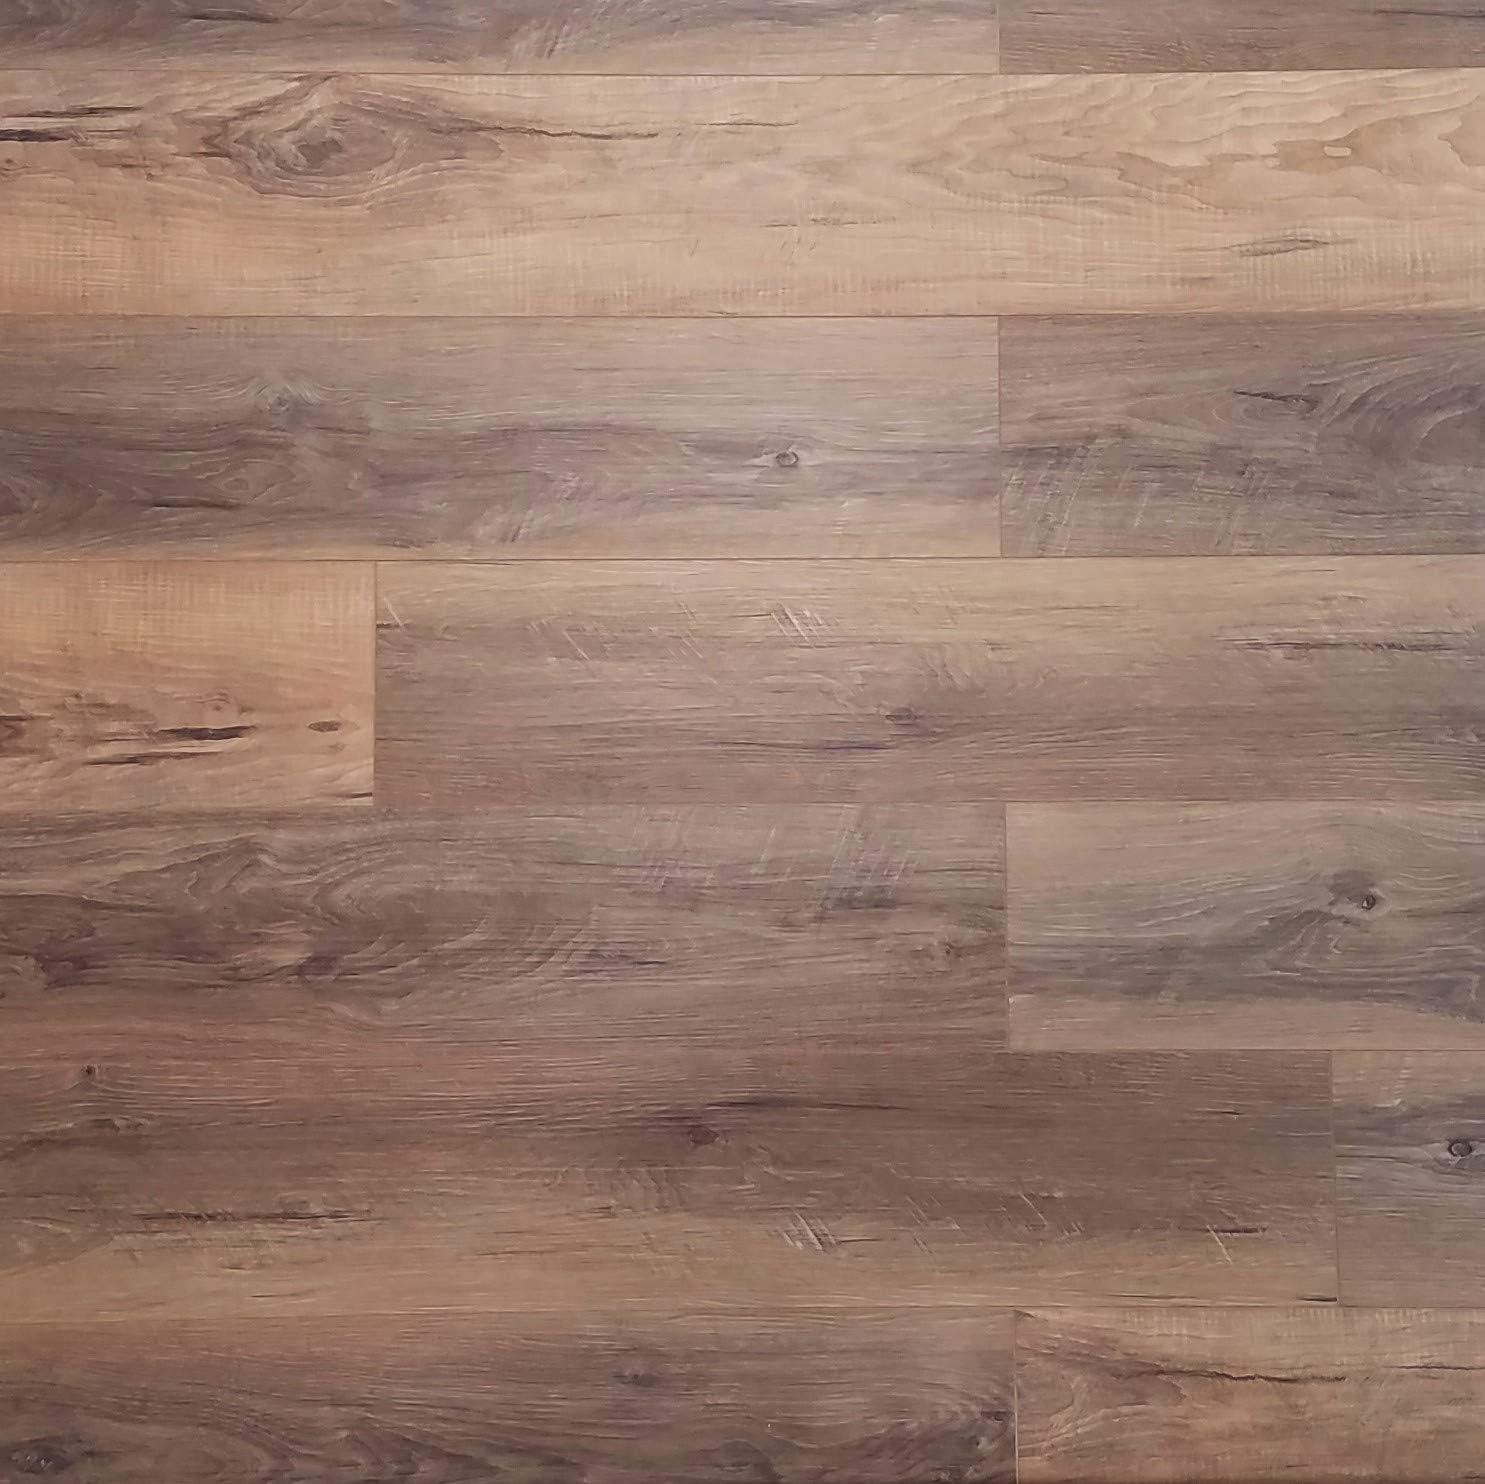 Gorgeous Natural Rustic Circle-Sawn Floating Waterproof WPC Flooring Sample Pioneer